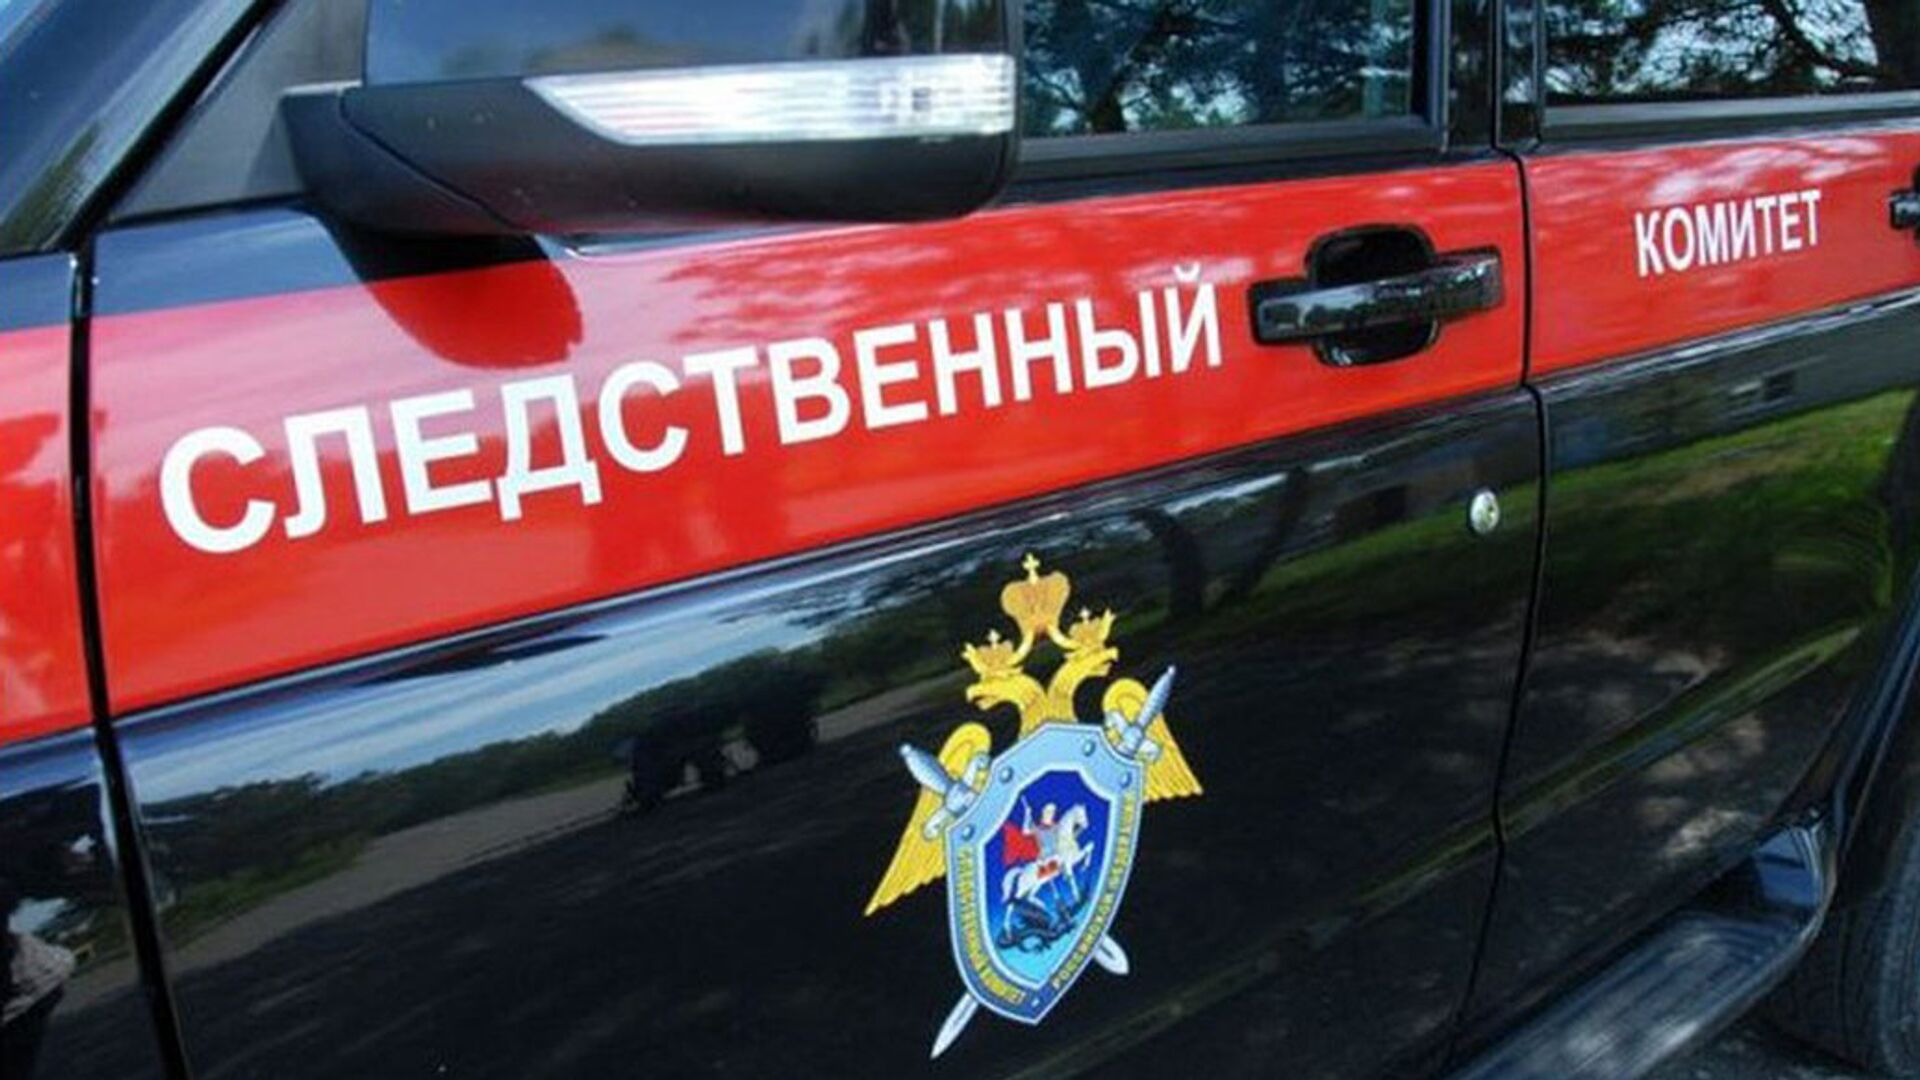 Следствие возбудило дело после перестрелки в Чечне